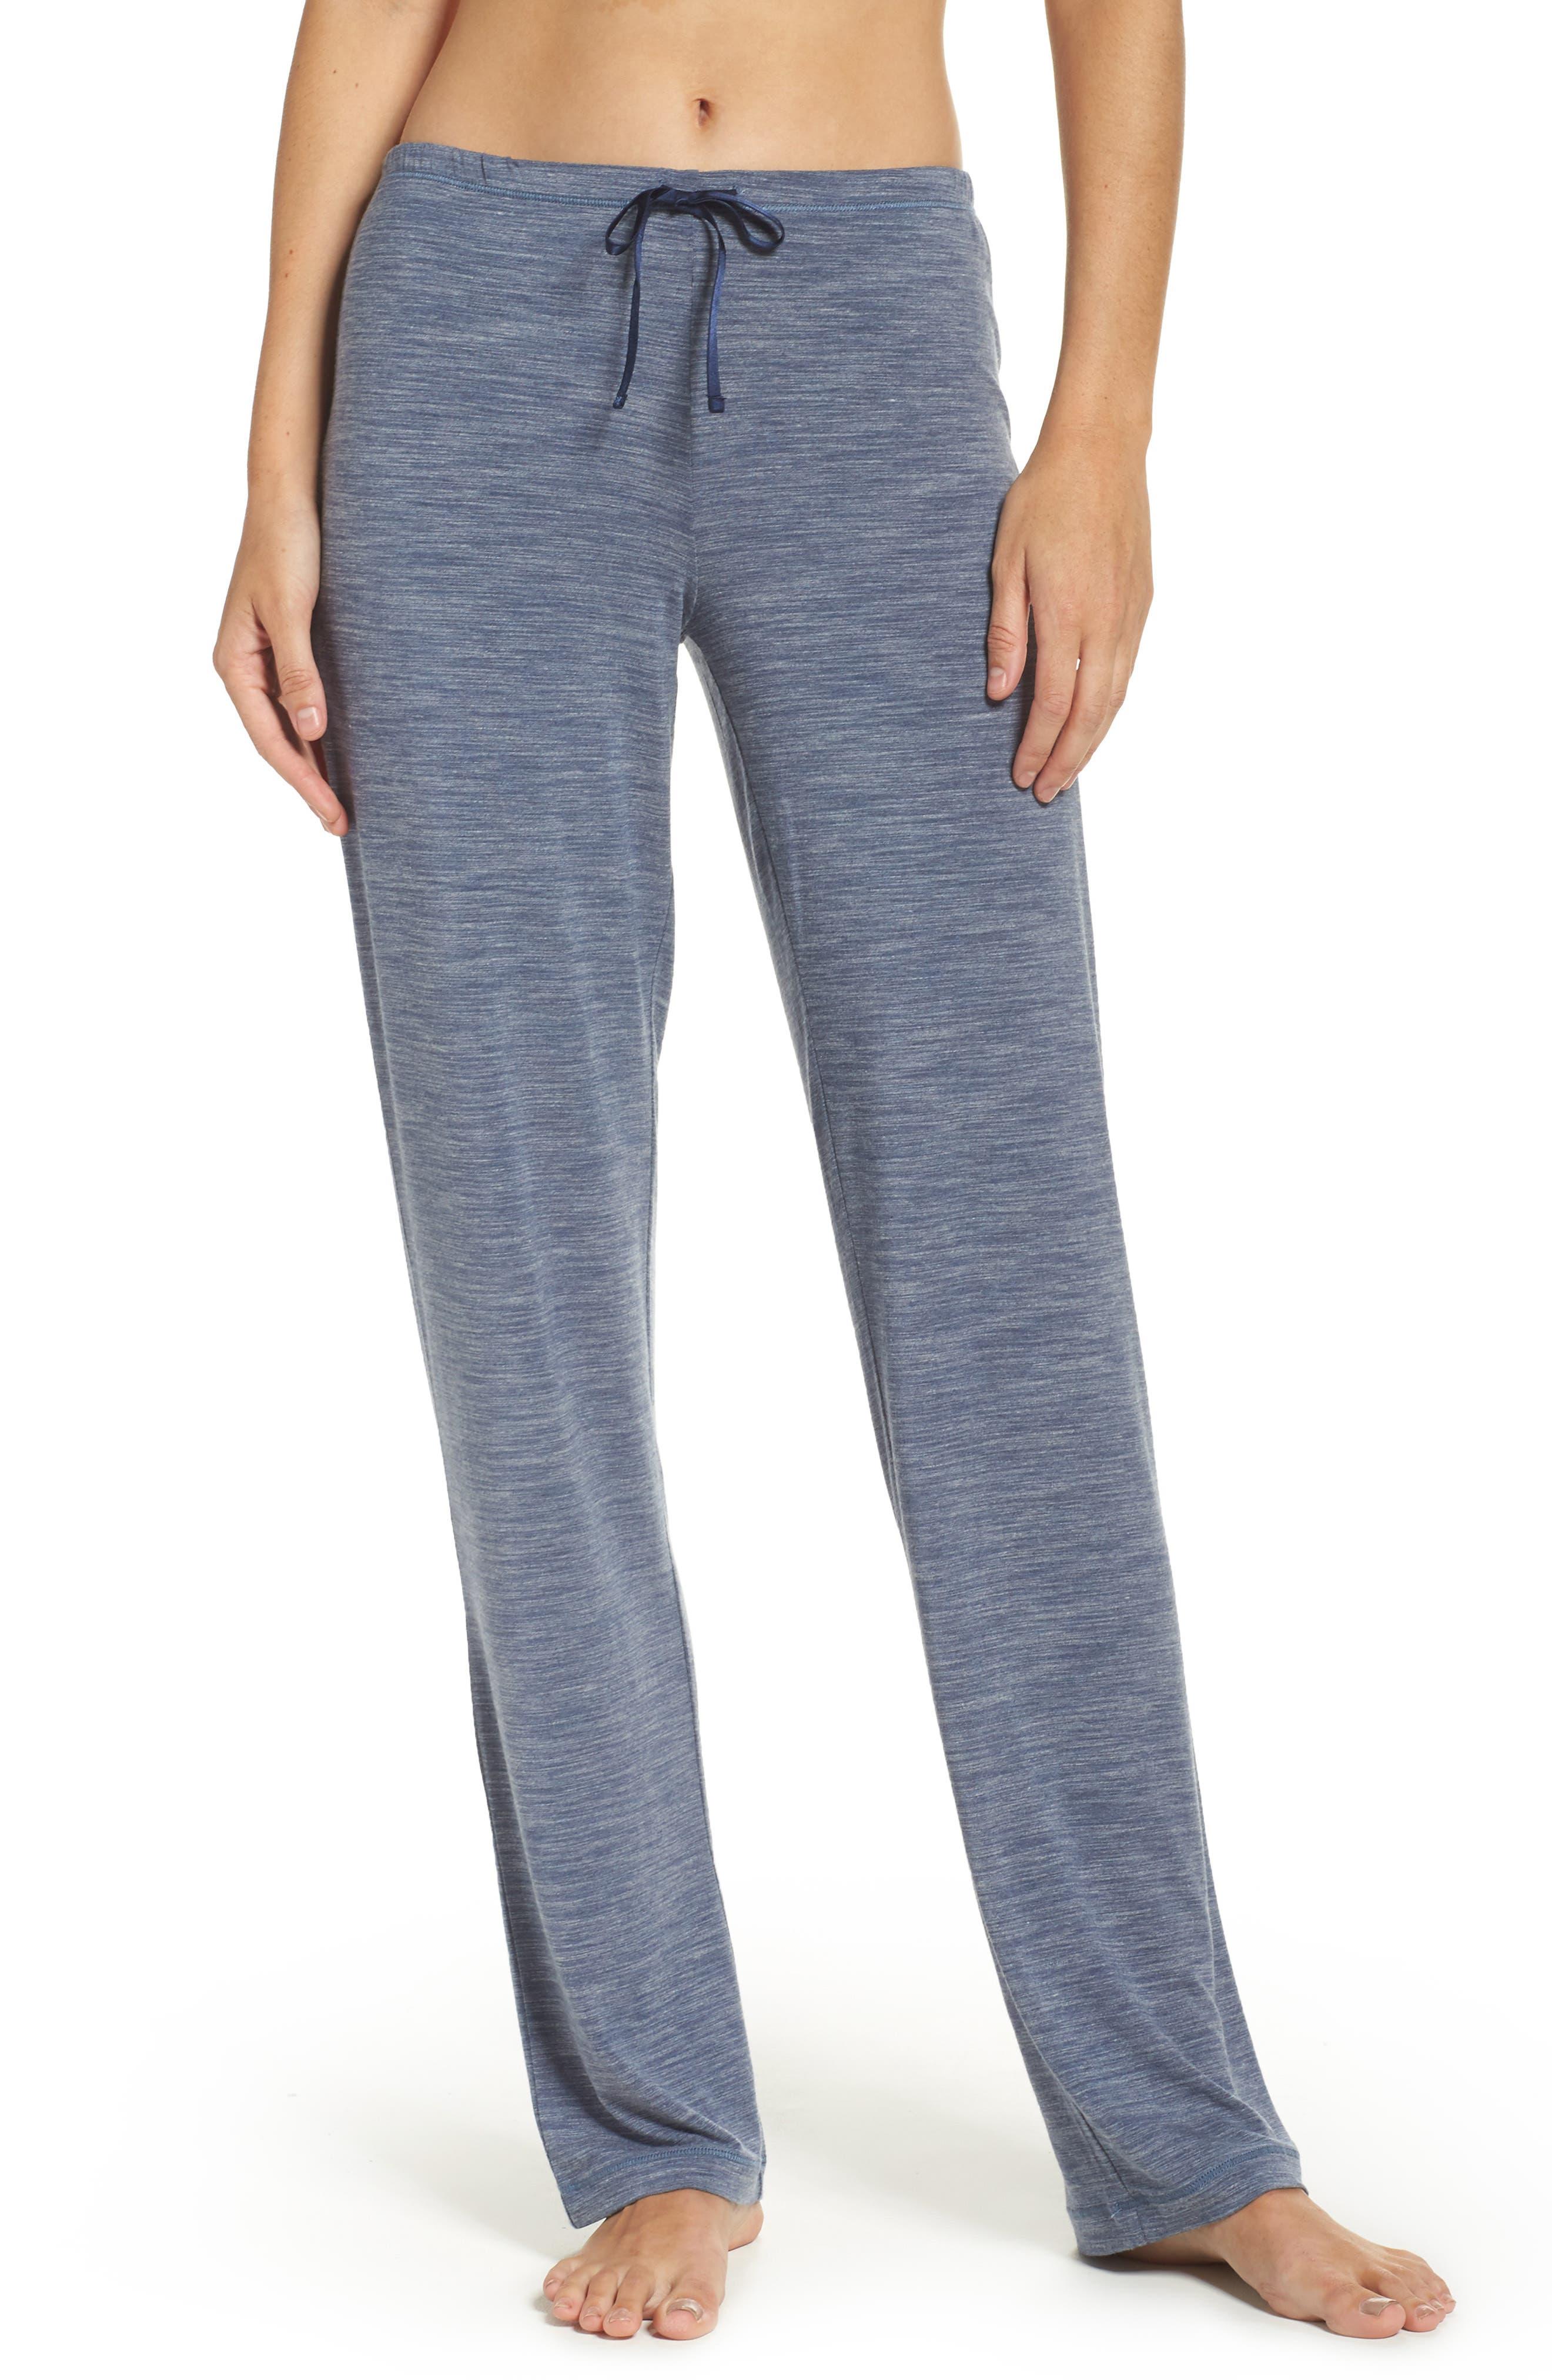 'City Essentials' Pants,                         Main,                         color, Blue Prt